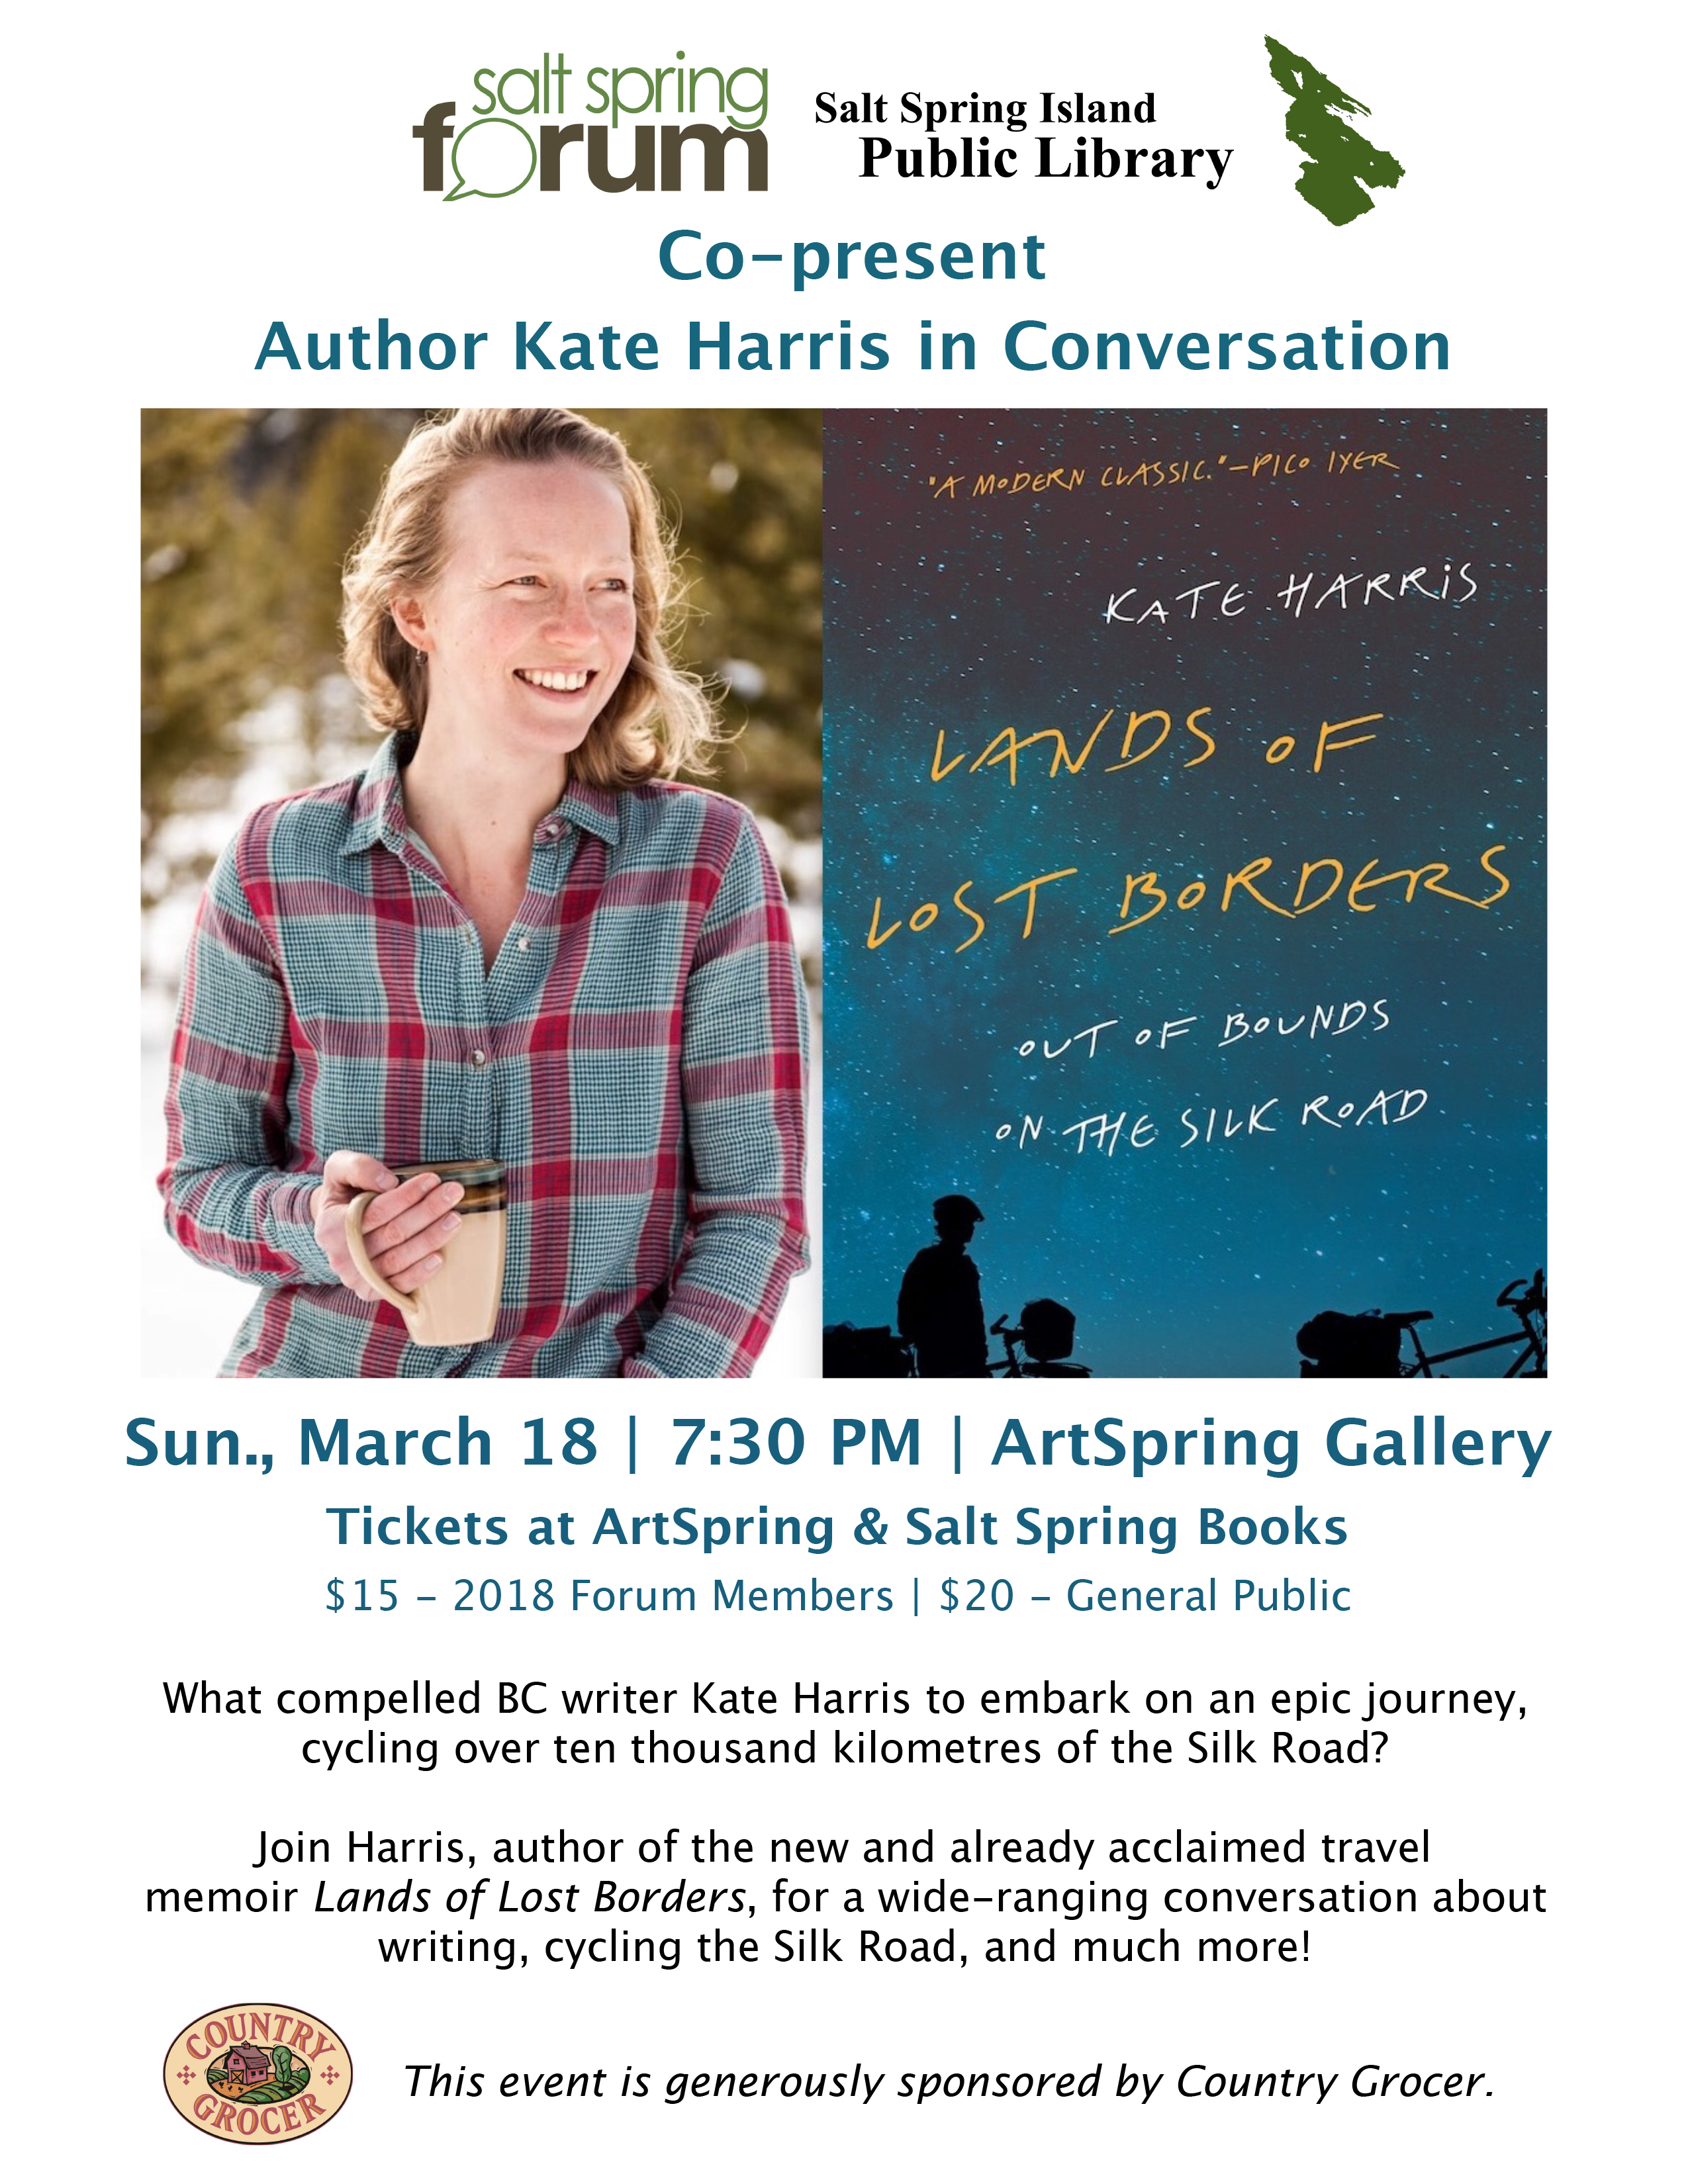 Kate Harris - Lands of Lost Borders